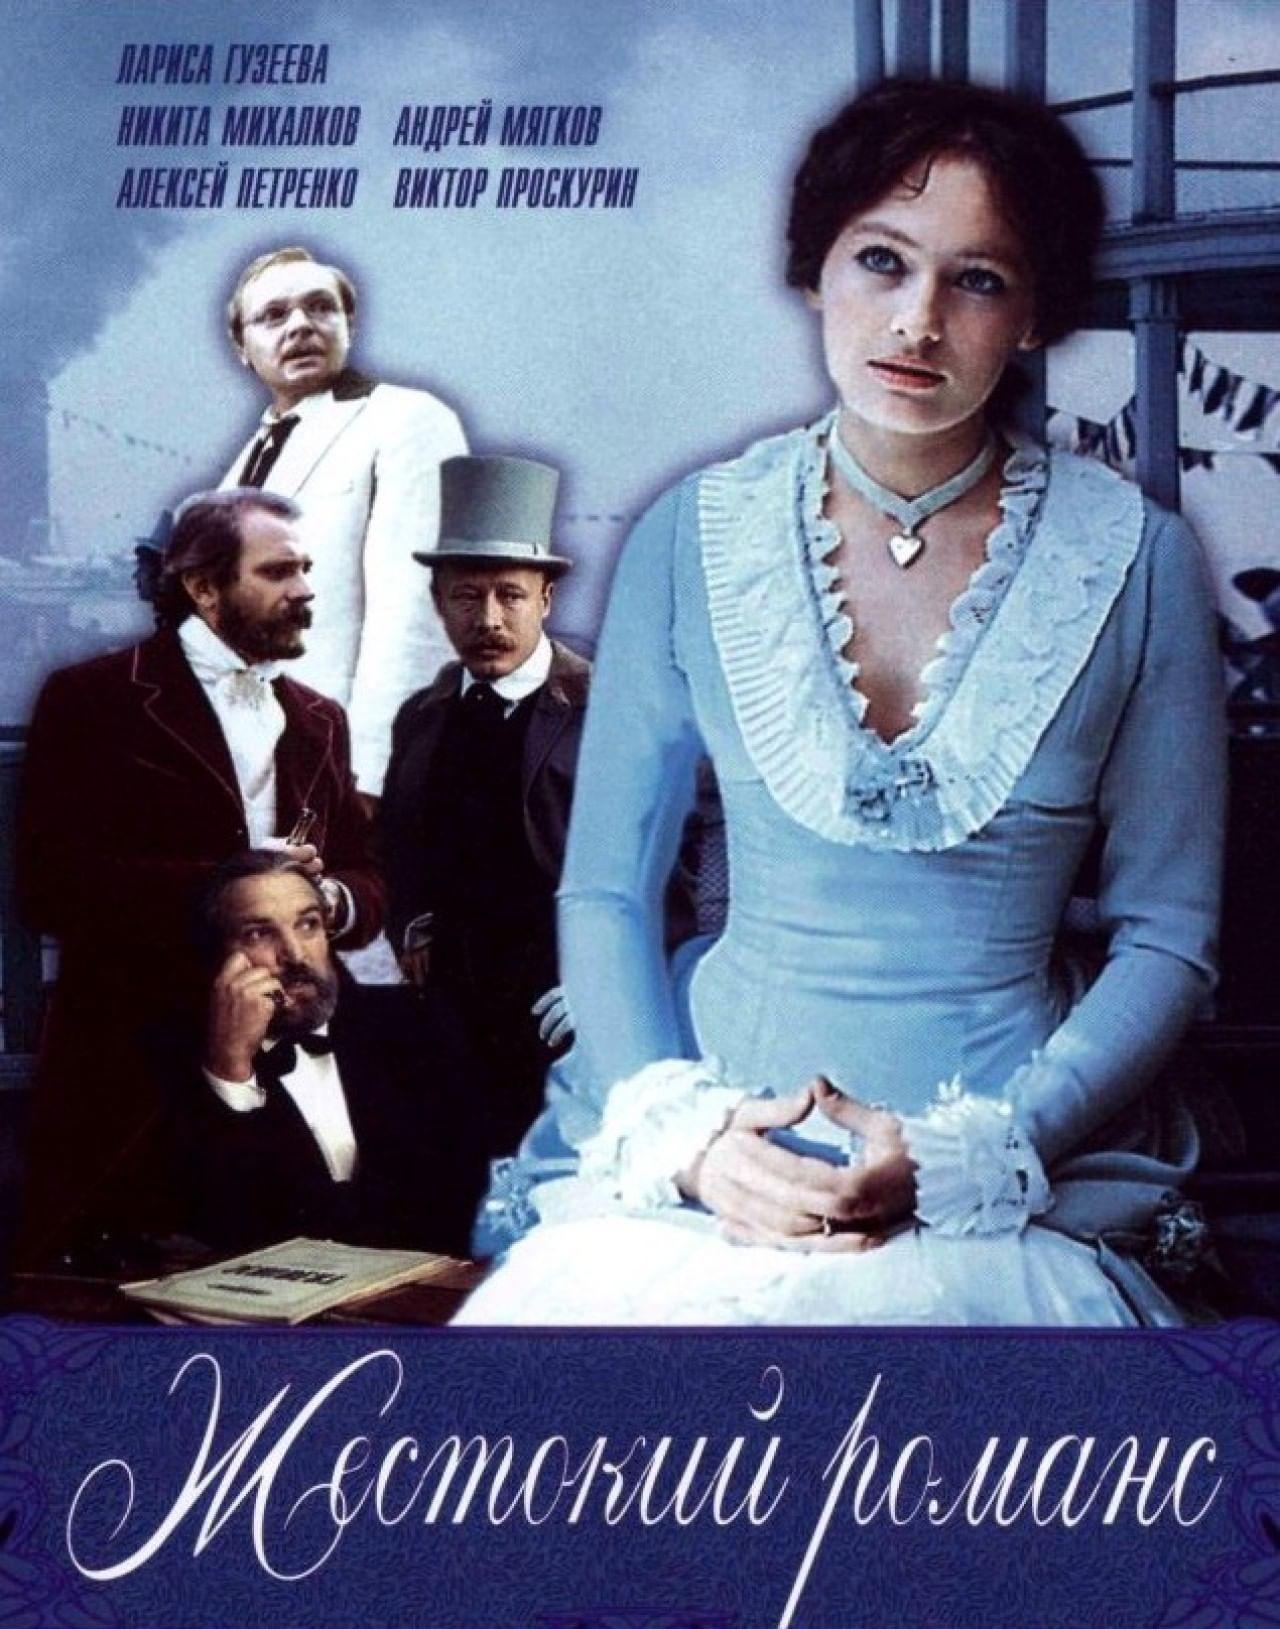 Жестокий романс. Смотреть советский фильм онлайн и бесплатно Бесприданница Афиша